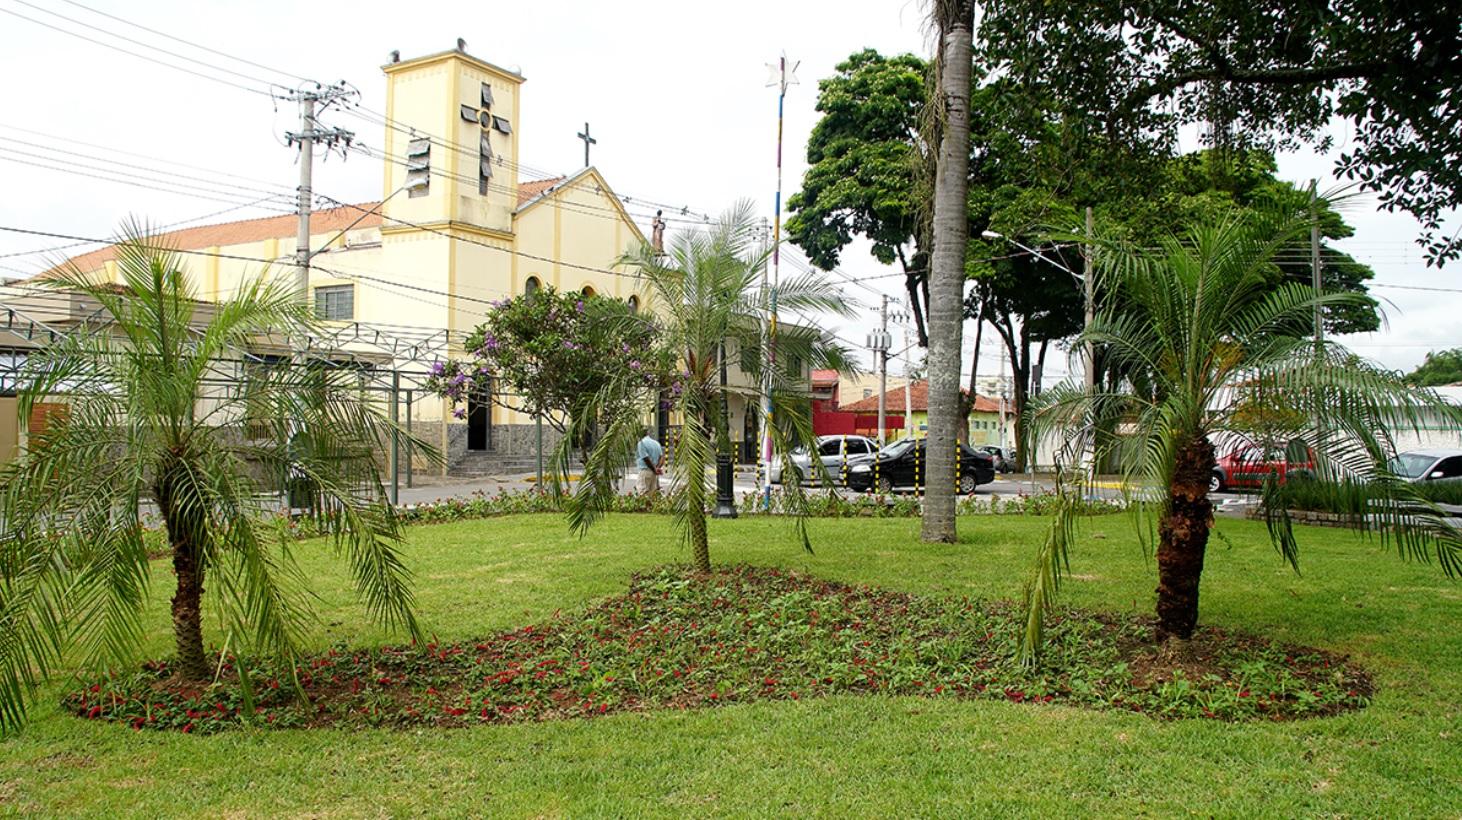 Praça recebeu poda de árvores, novo gramado, novo jardim e flores